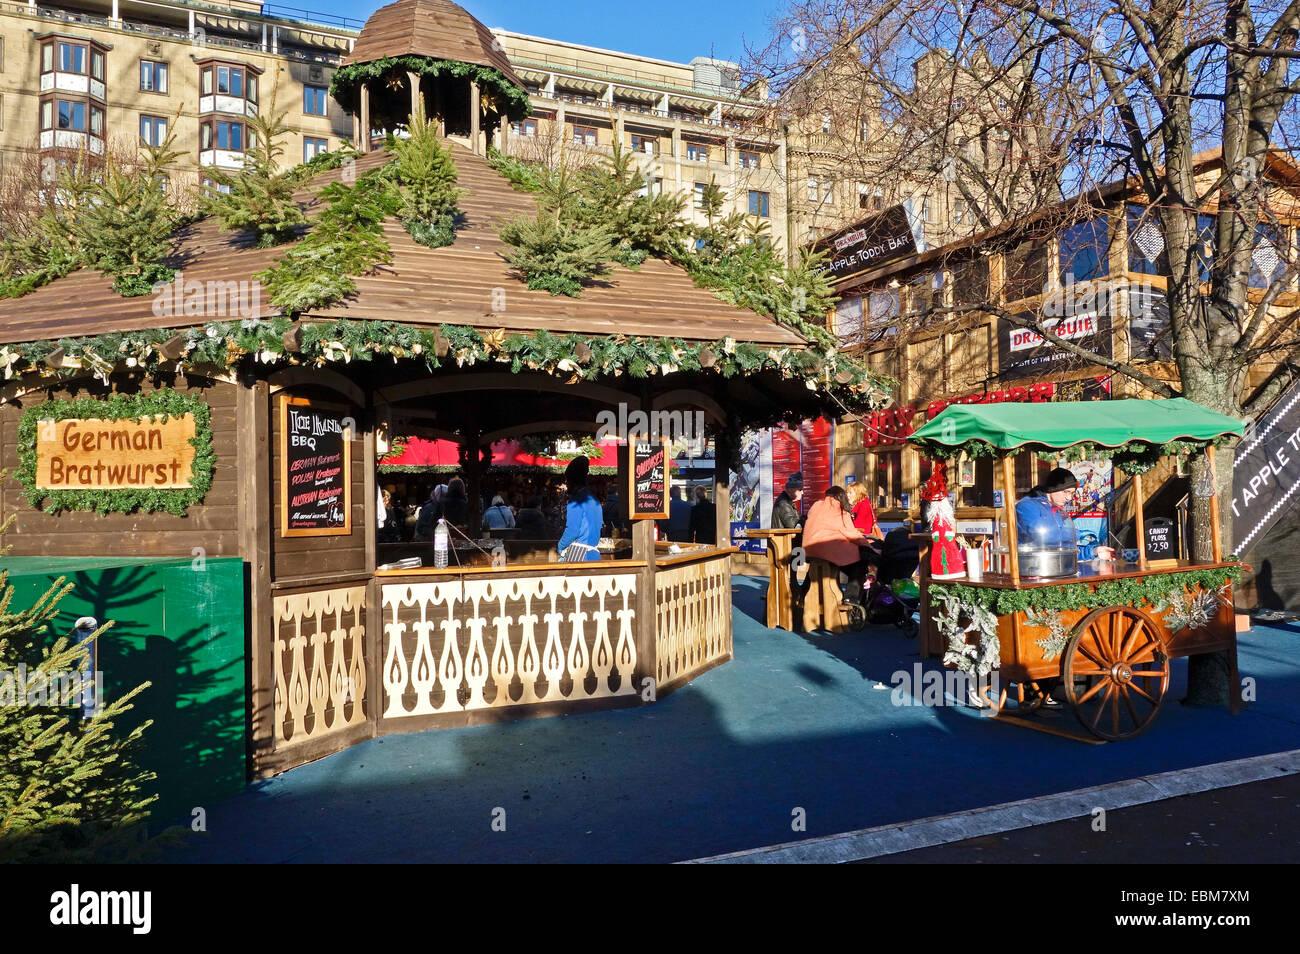 Edinburgh 2014 Marché de Noël dans les jardins de Princes Street Edinburgh Scotland avec décrochage Photo Stock